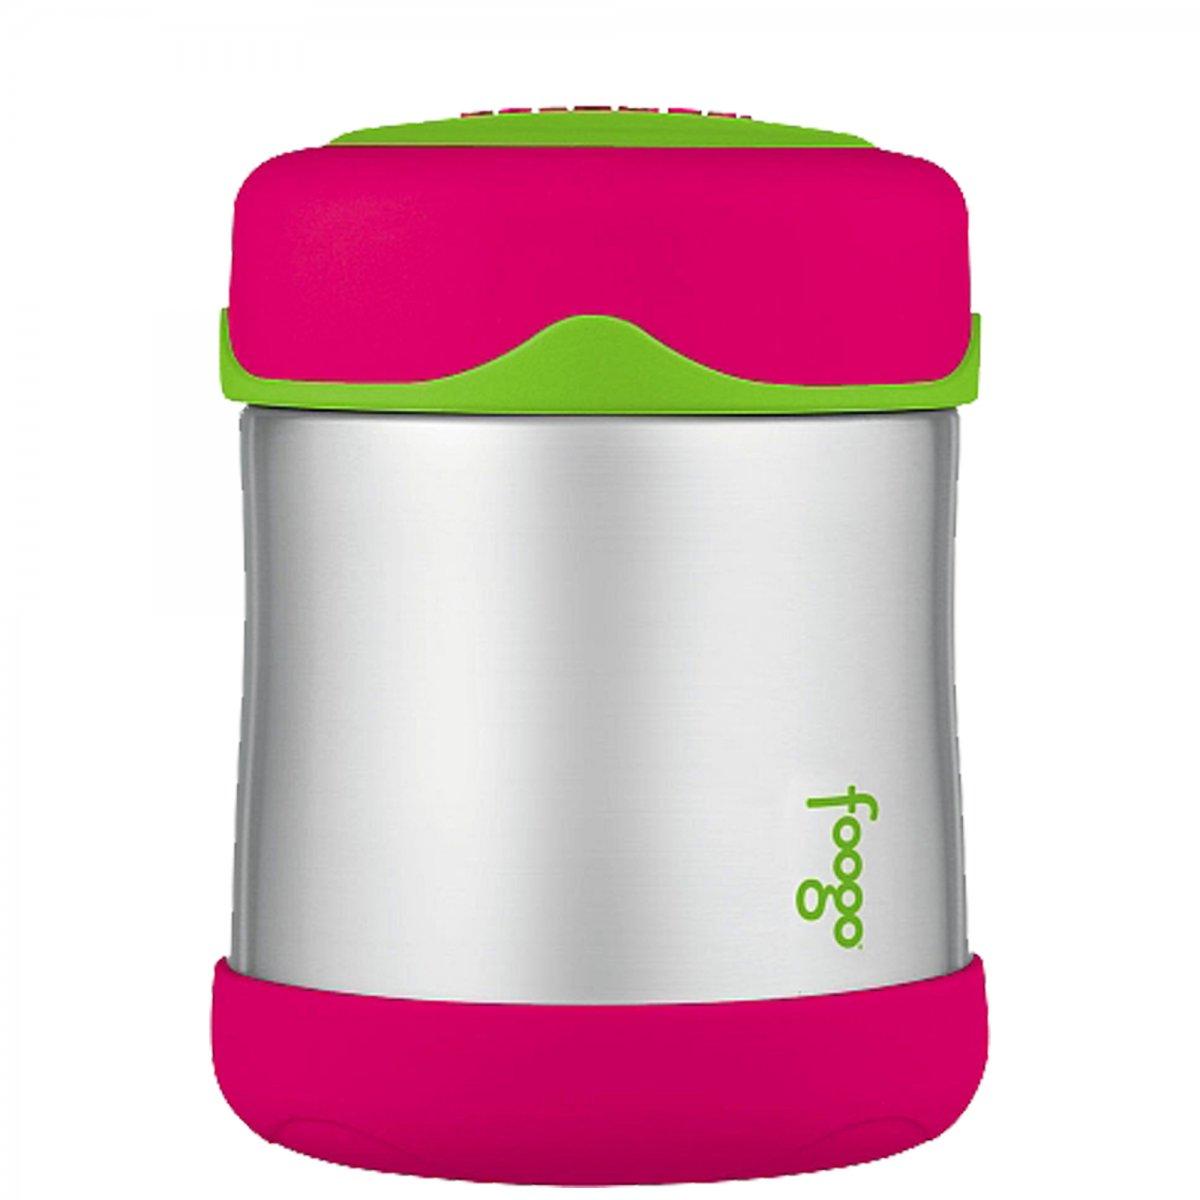 Pote Inox Térmica Thermos Foogo  | Cor: Melancia/ Verde